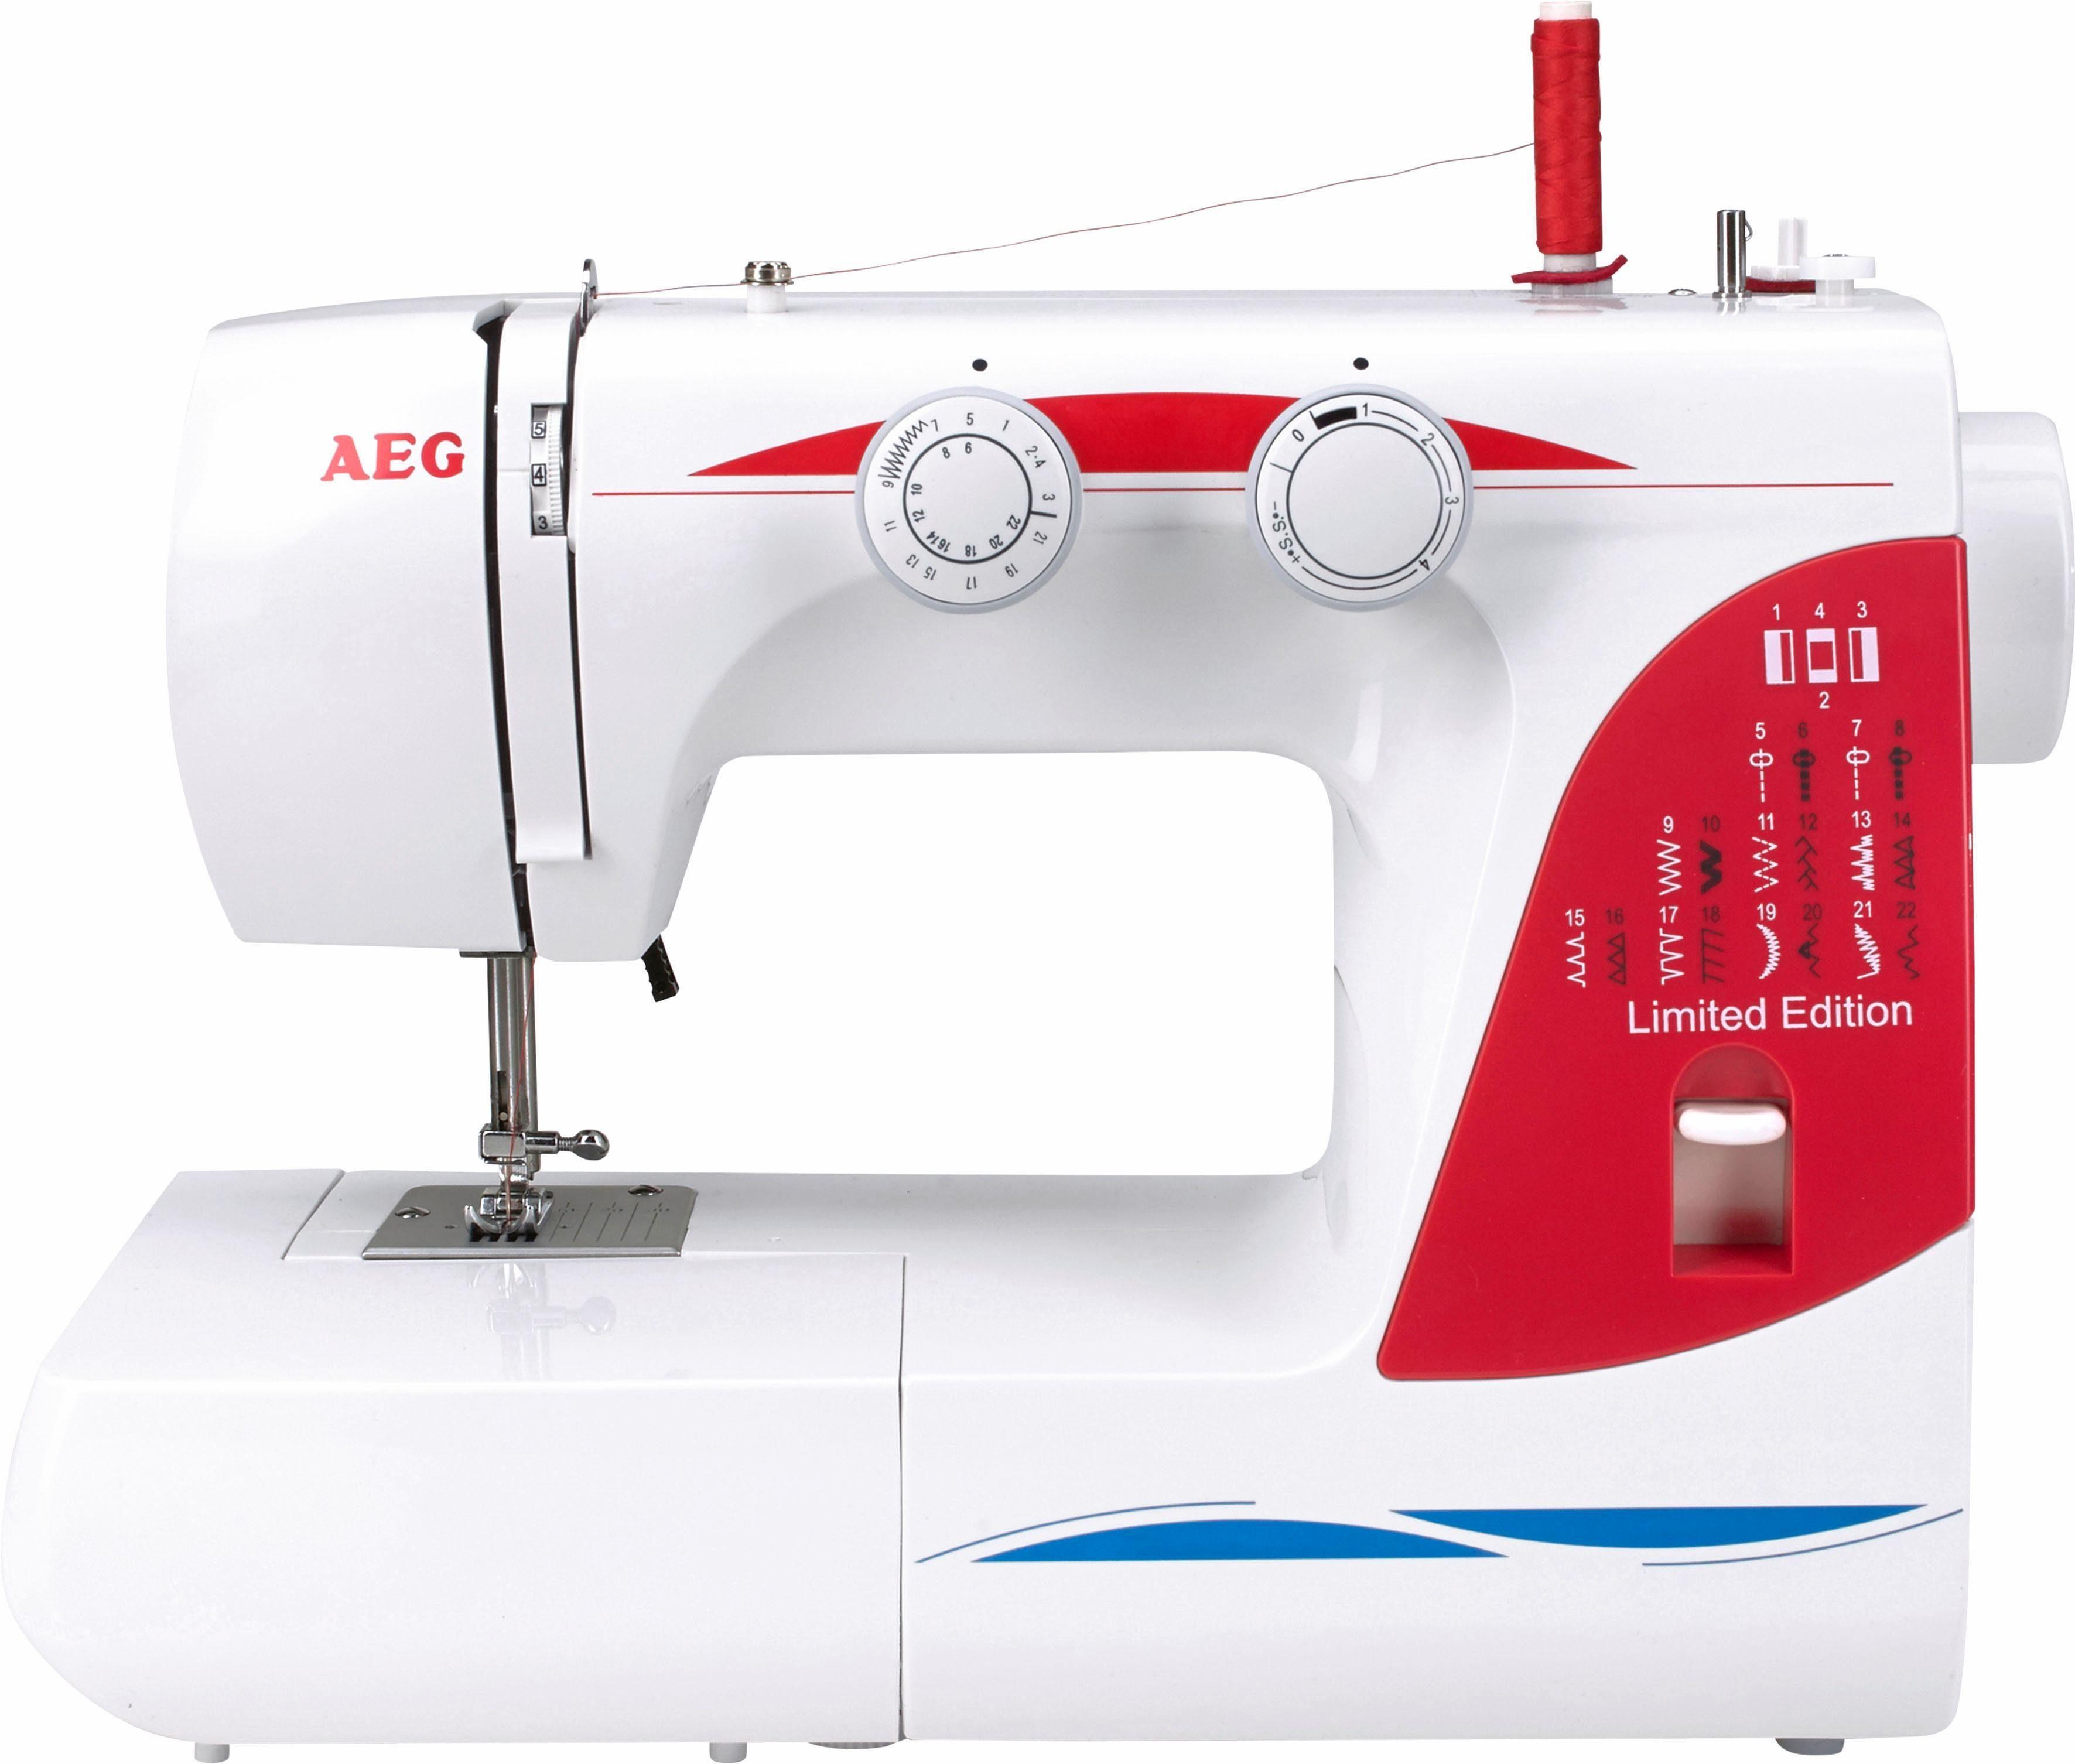 AEG Nähmaschine AEG124, 26 Programme, 26 Programme, mit Zubehör